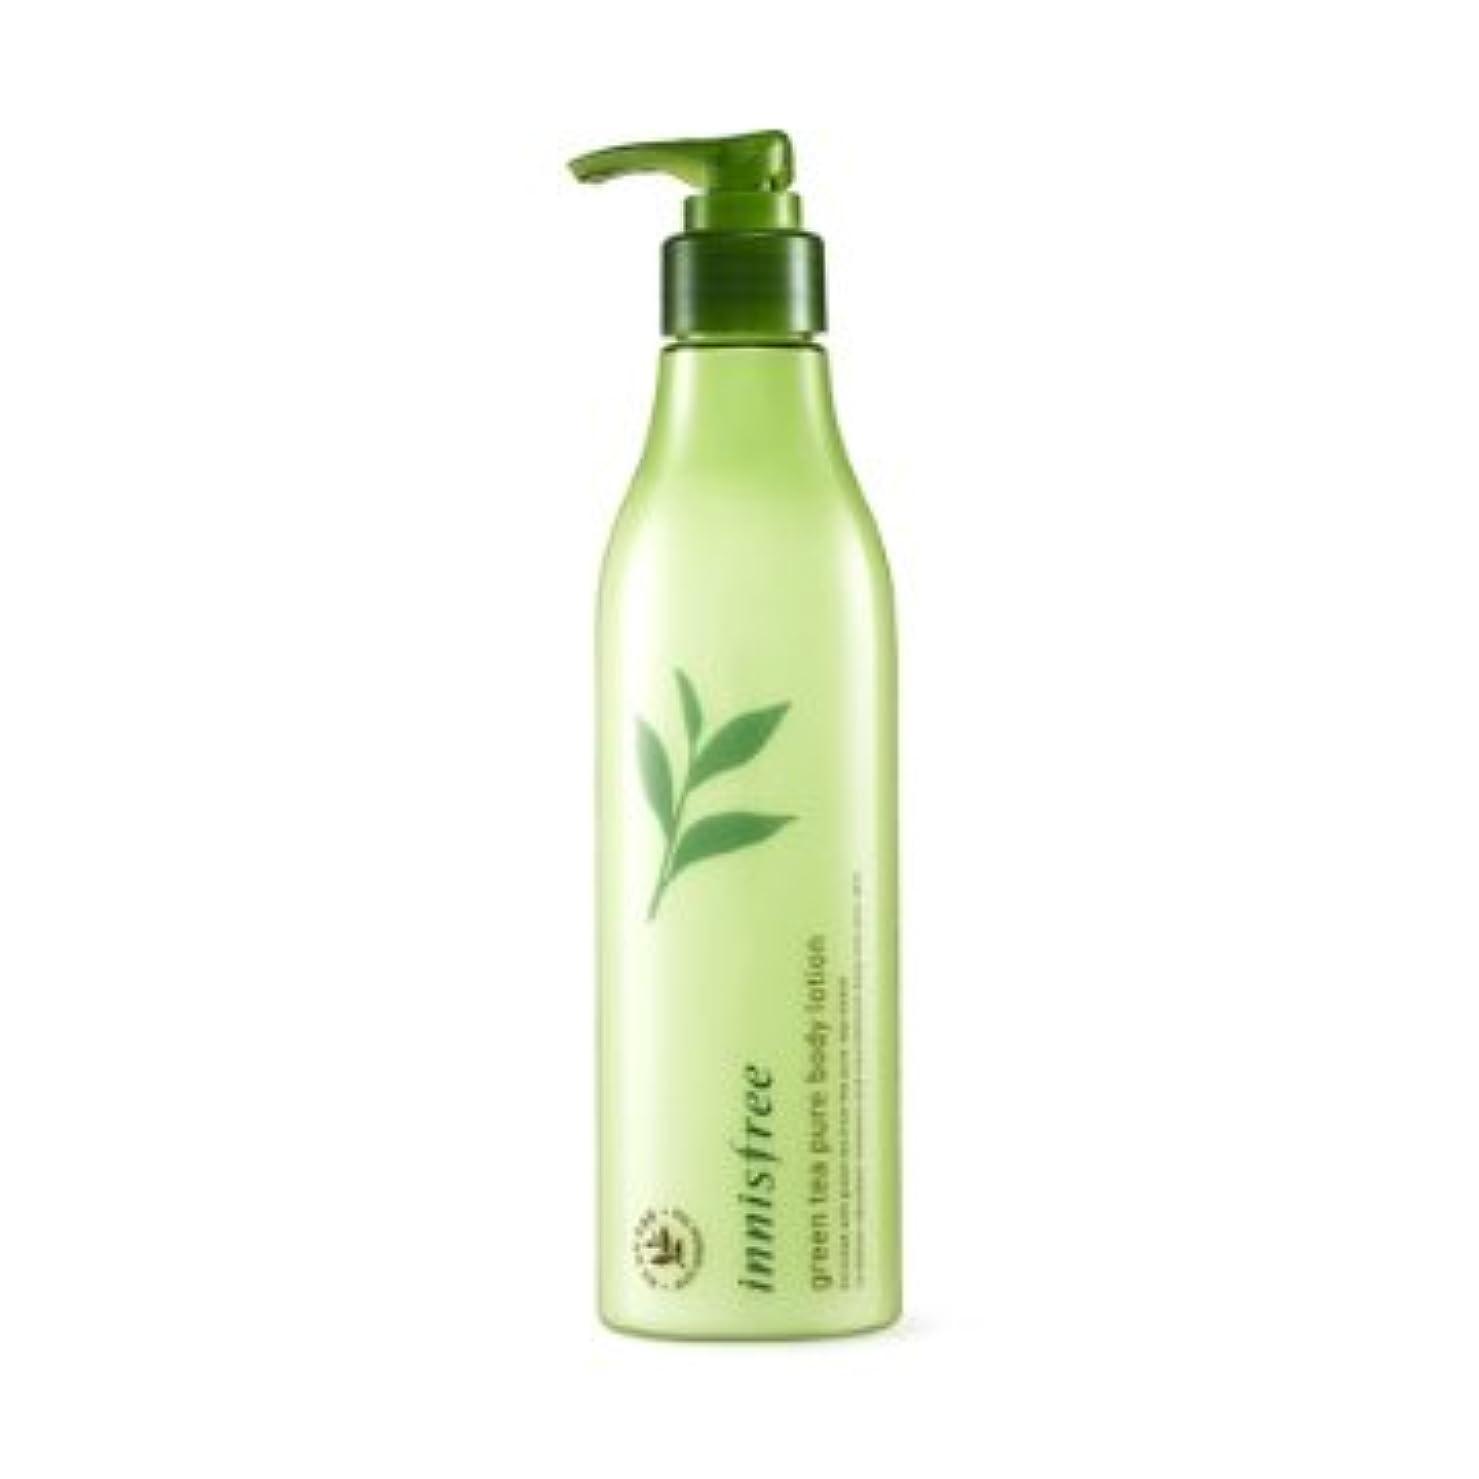 解明する自分の力ですべてをする値する【イニスフリー】Innisfree green tea pure body lotion - 300ml (韓国直送品) (SHOPPINGINSTAGRAM)